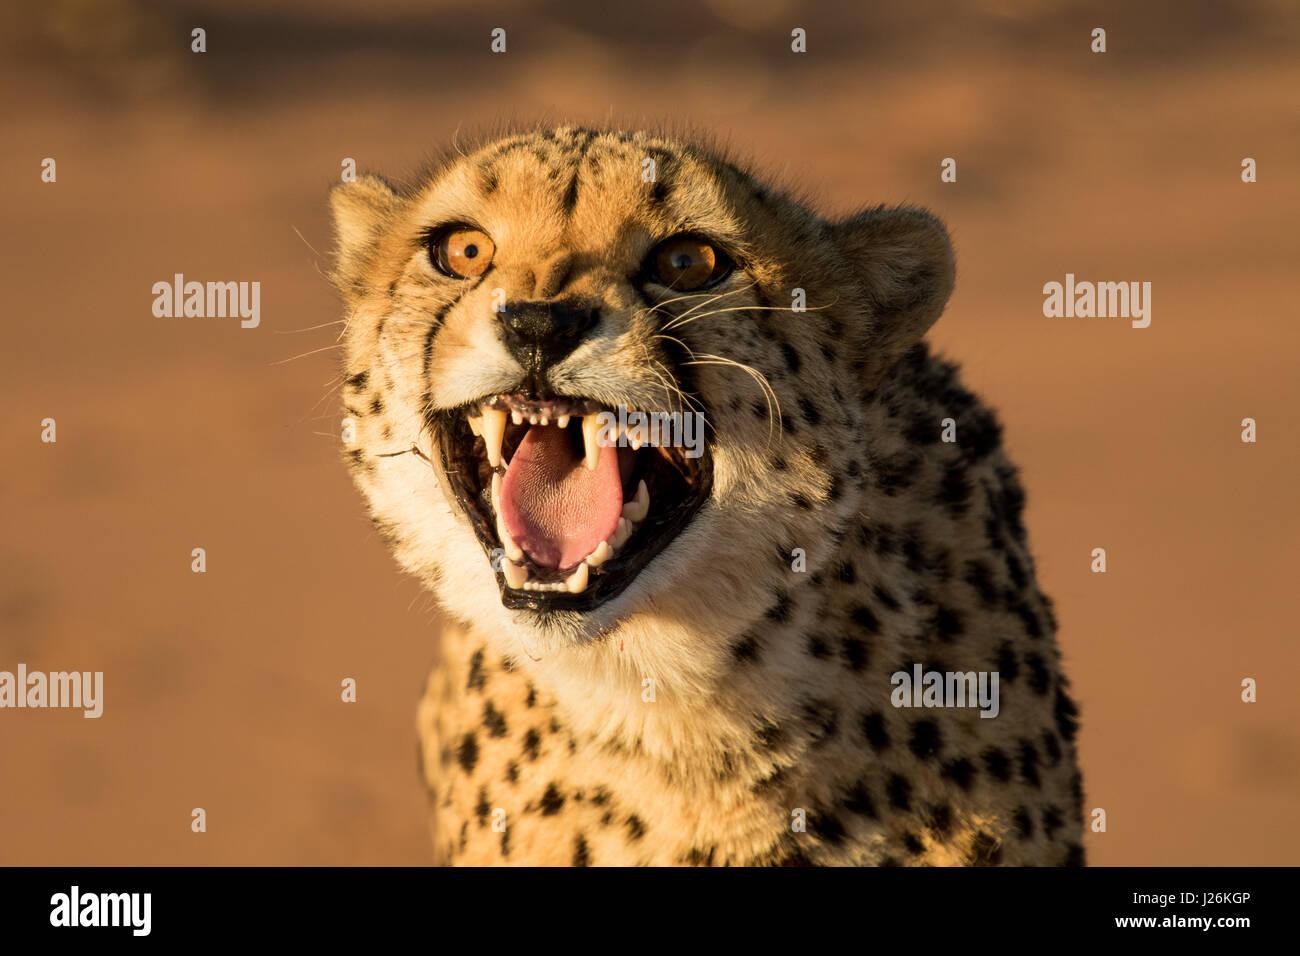 Cheetah Knurren zeigt alle seine Zähne, bis schließen Foto Stockbild